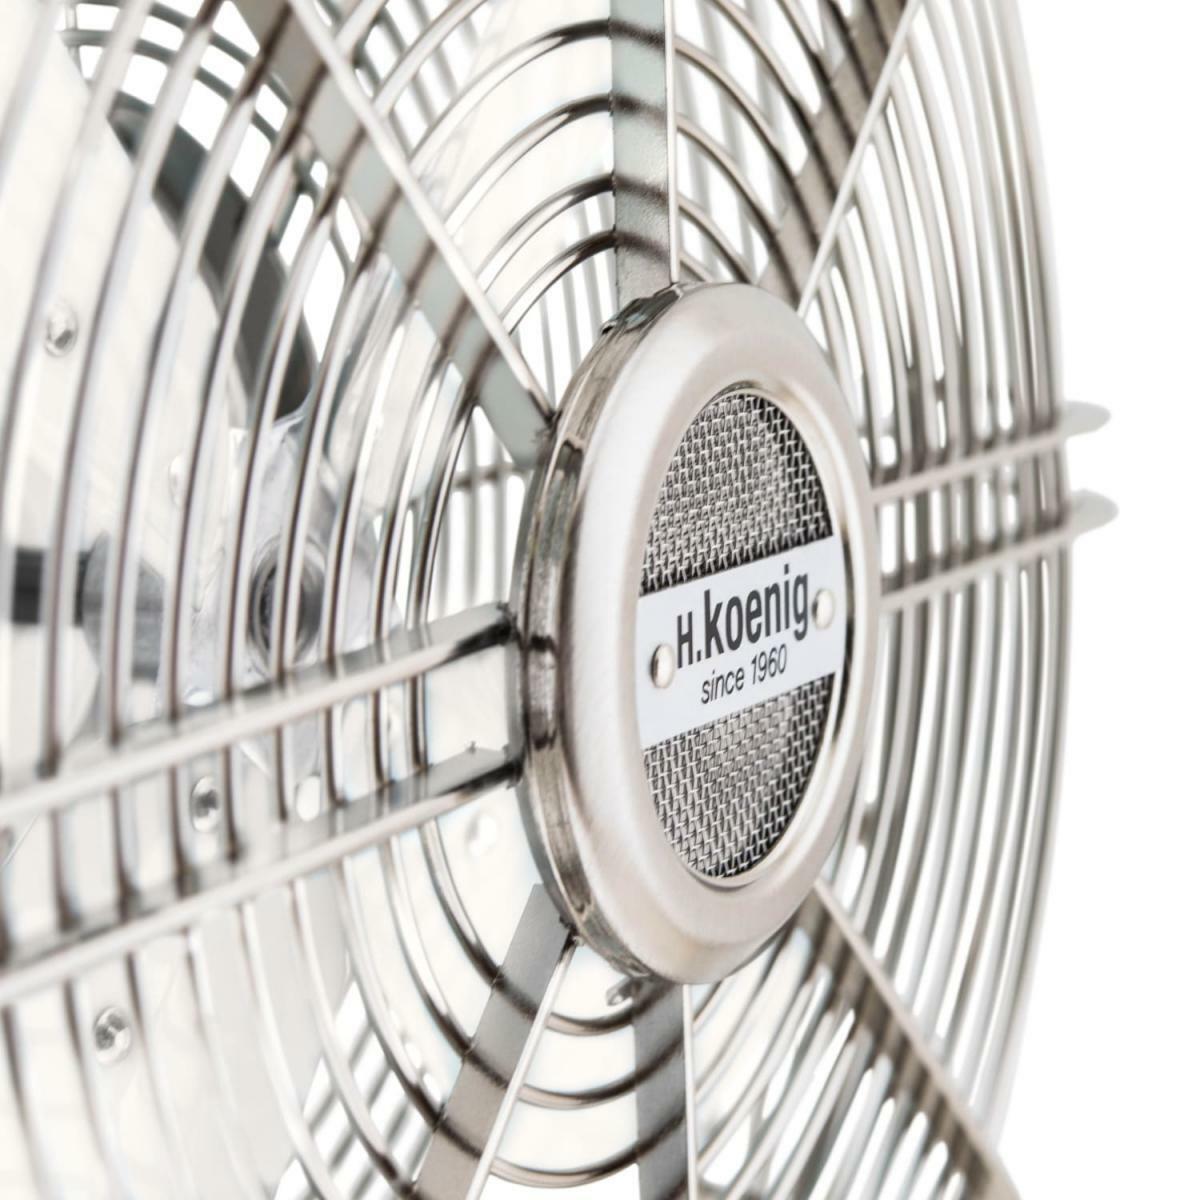 Bild 3 von H.Koenig JOE50 Metall-Ventilator weiß